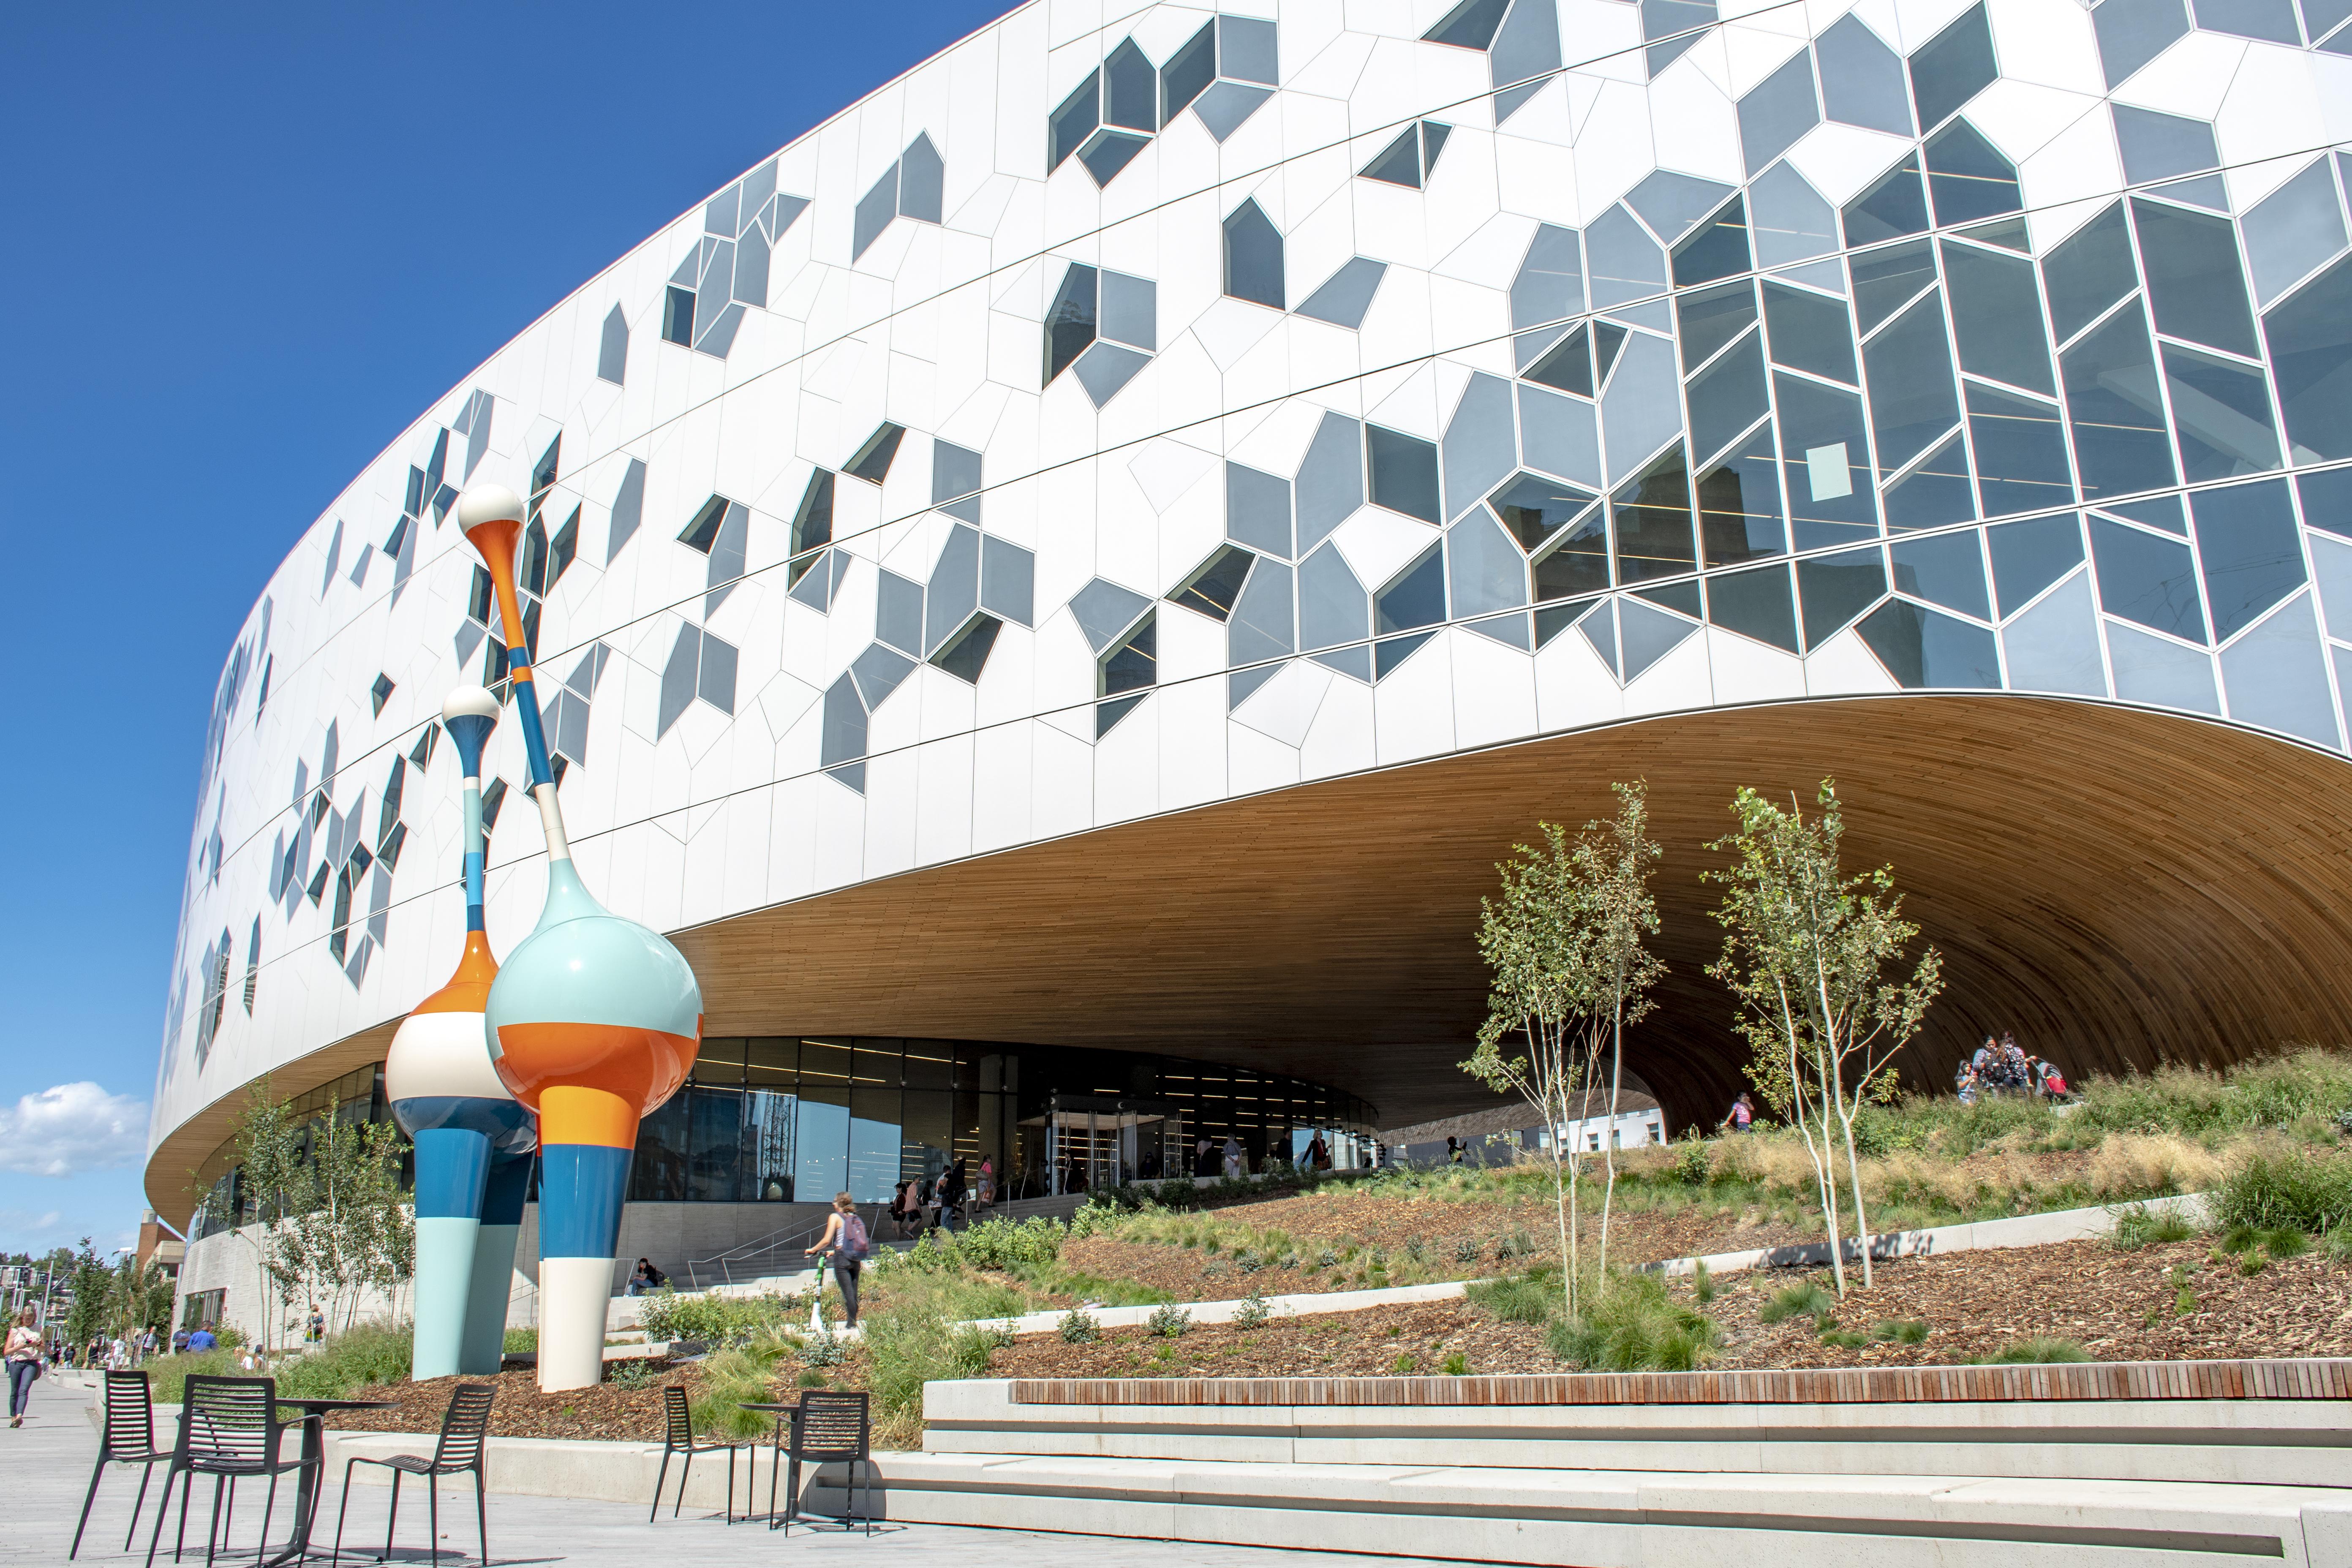 Calgary Public Library 3